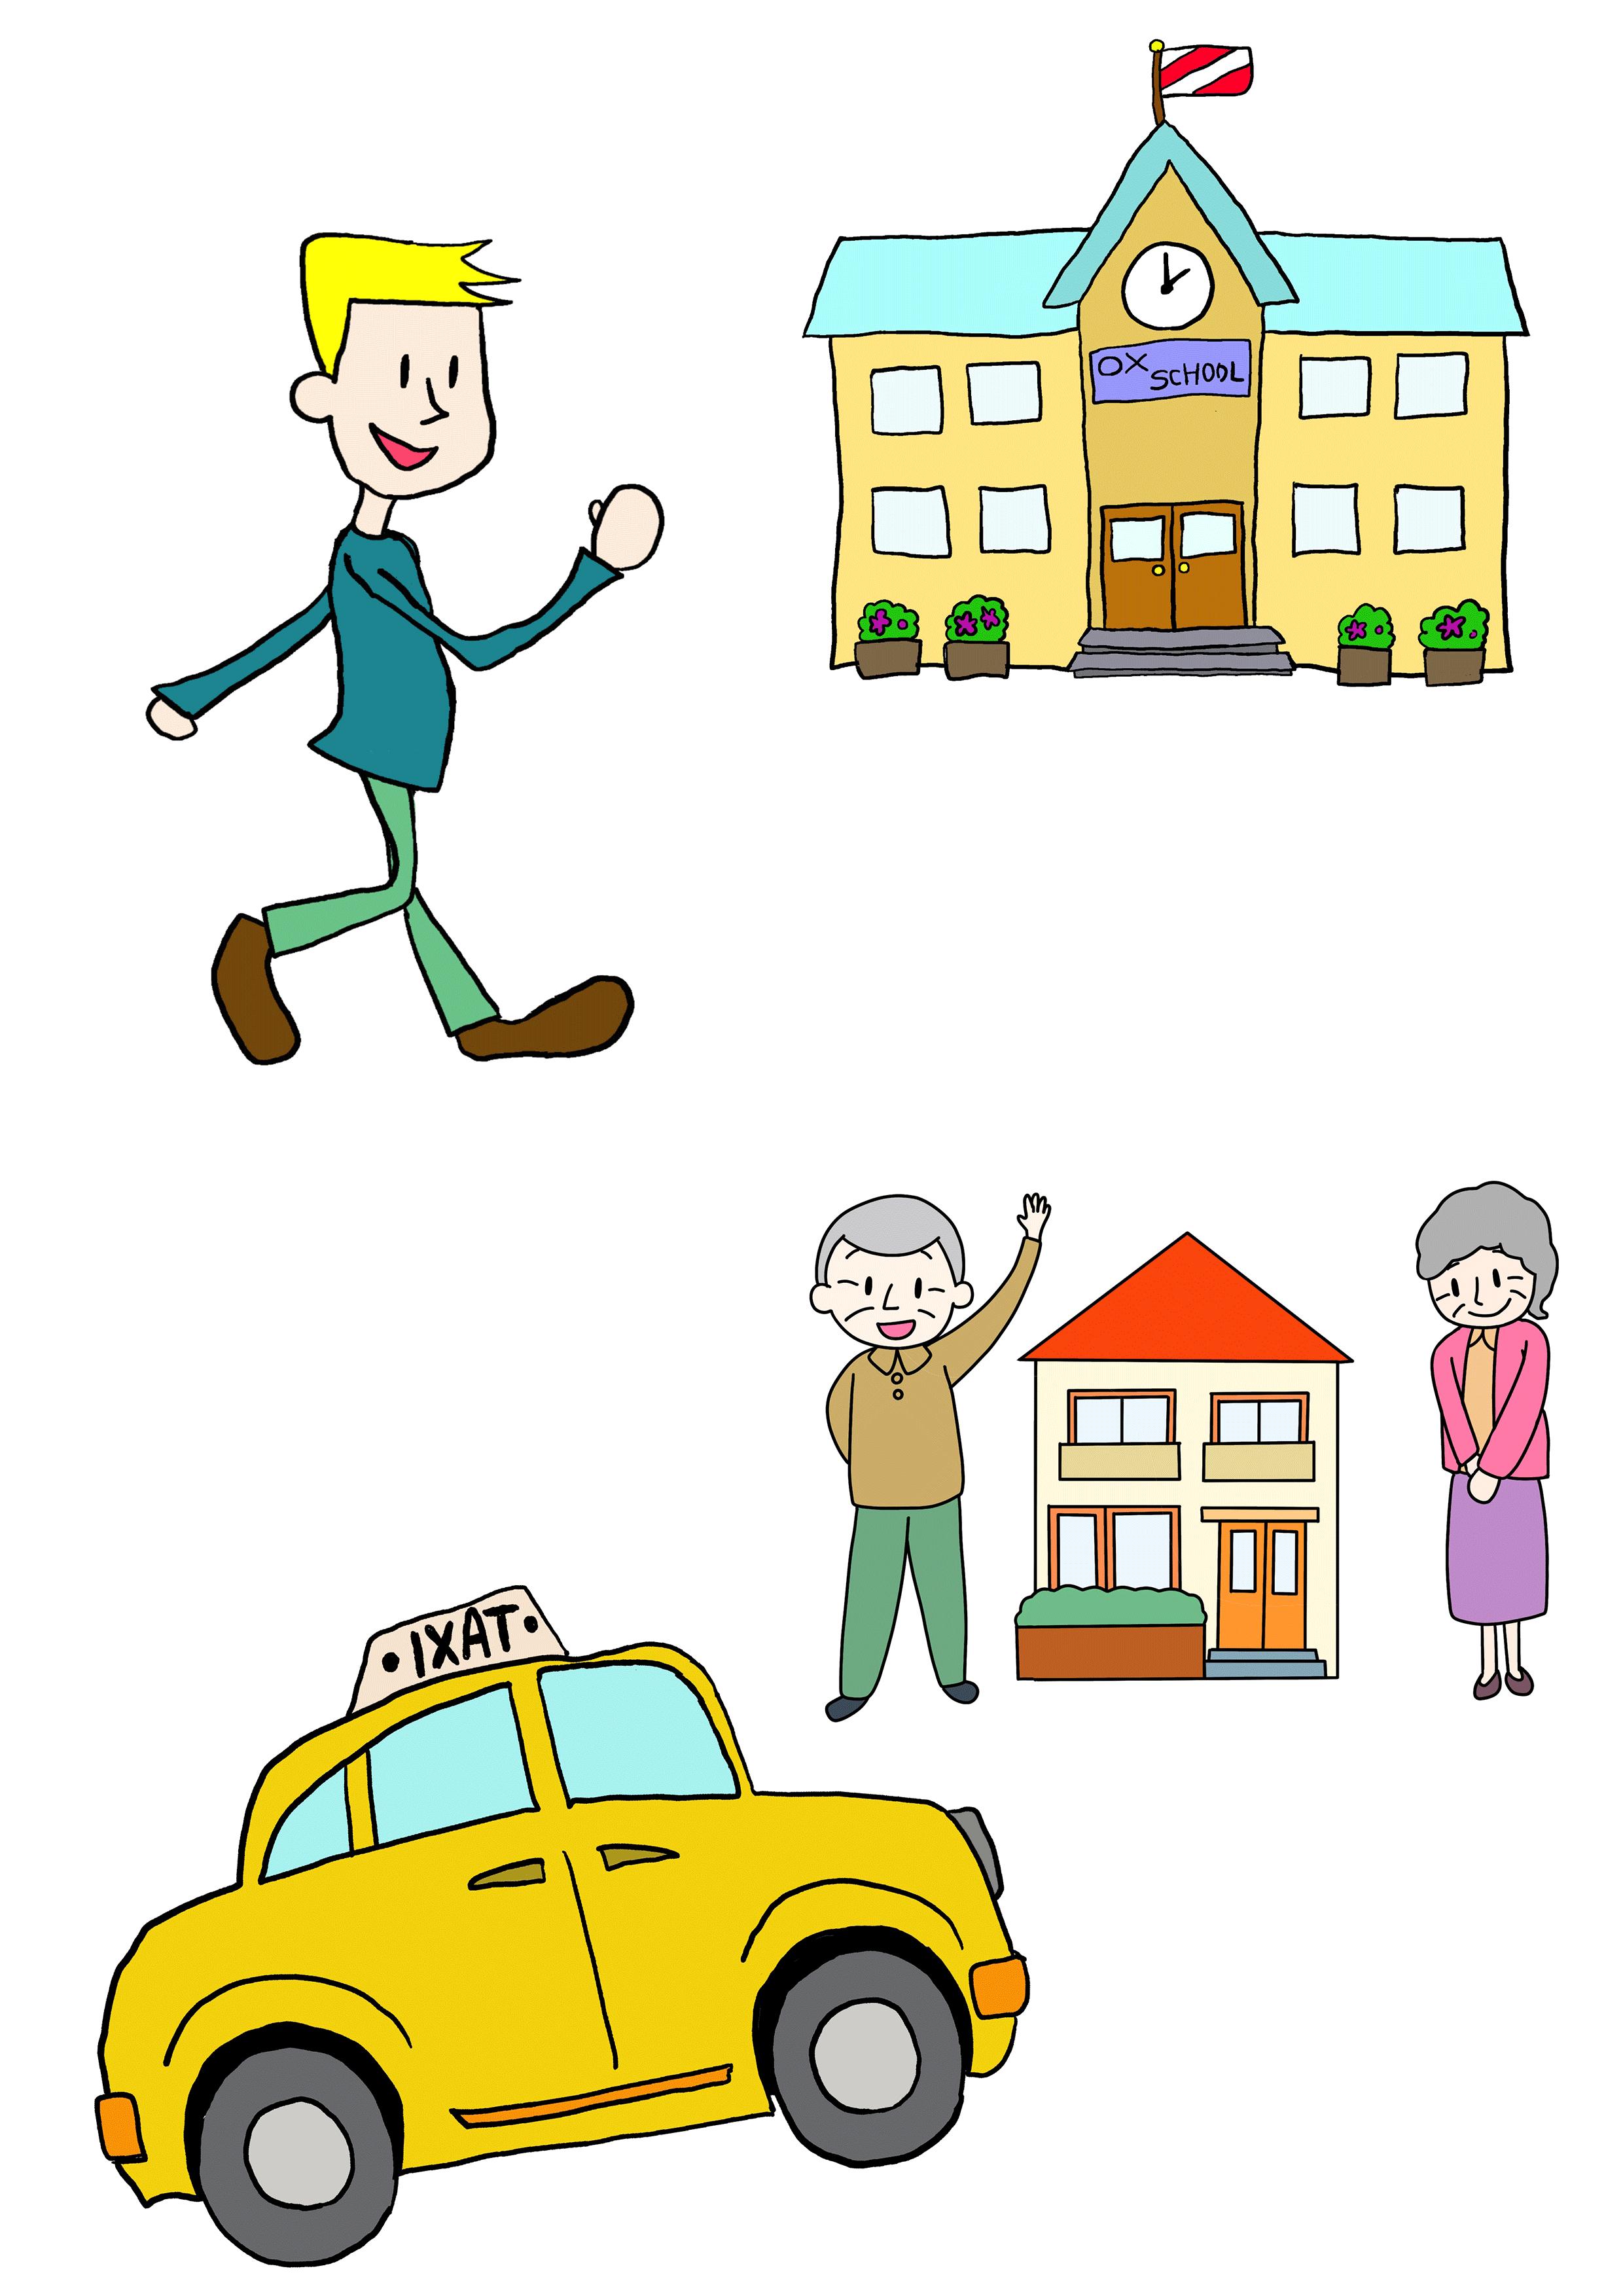 5課イラスト【歩いて学校/タクシーでうち】